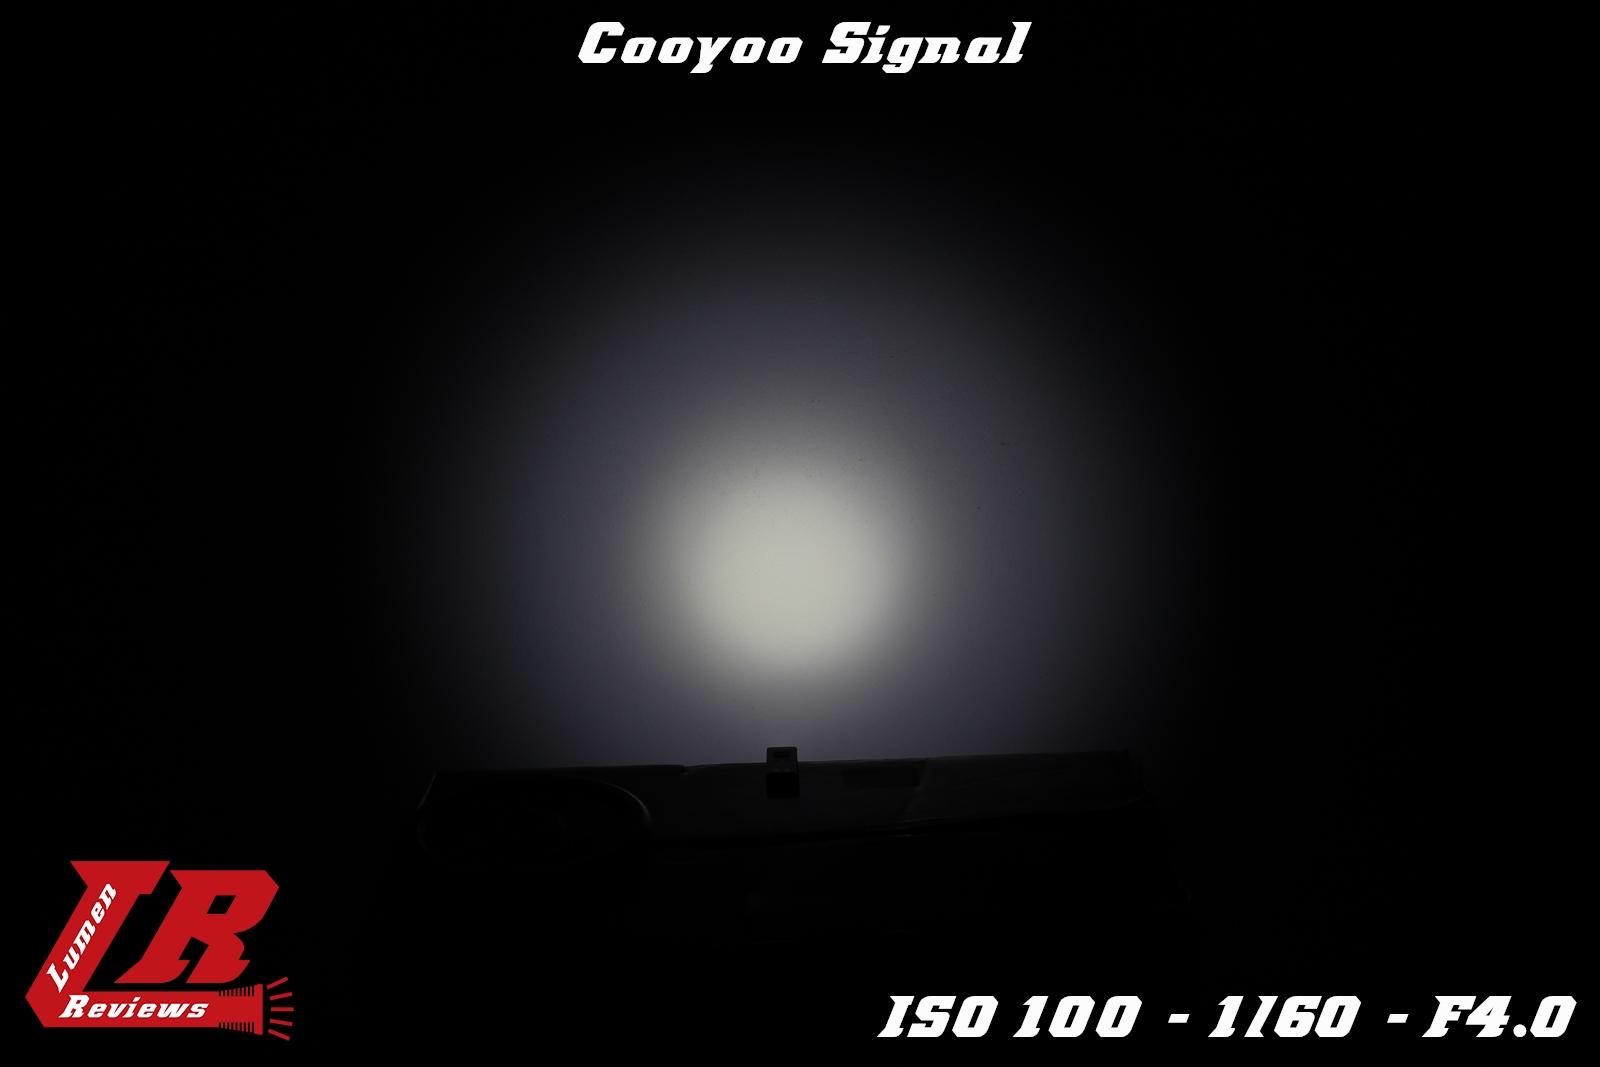 Cooyoo Usignal 16